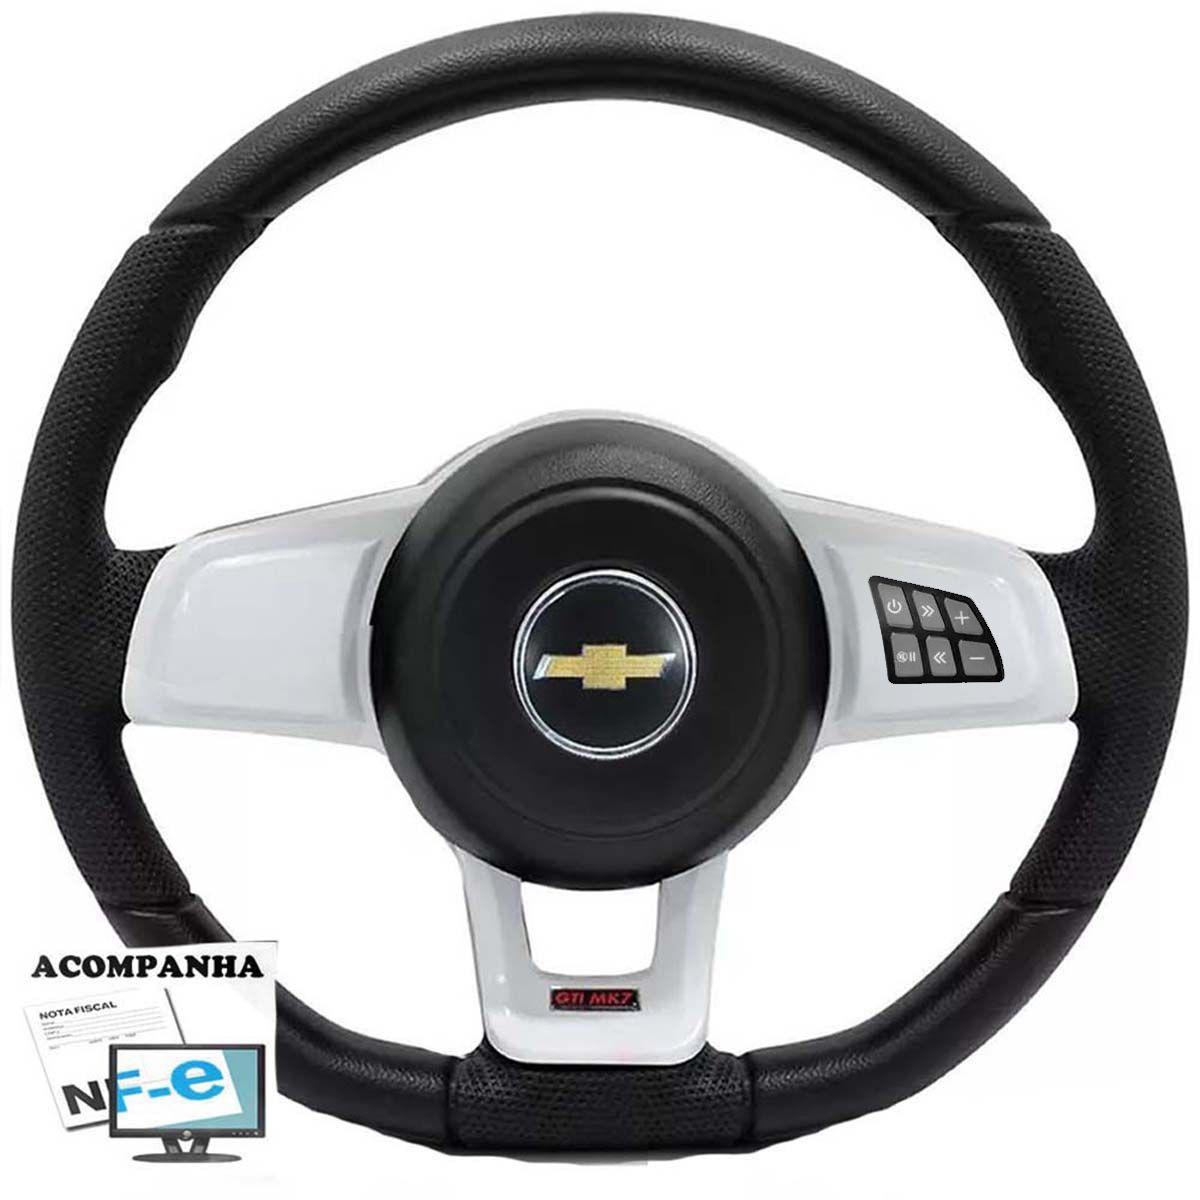 Volante Multifuncional Golf Gti Mk7 Corsa Celta Astra Monza Chevette S10 Blazer Silverado Meriva Zafira Omega Kadett Opala Chevrolet + Cubo Gm